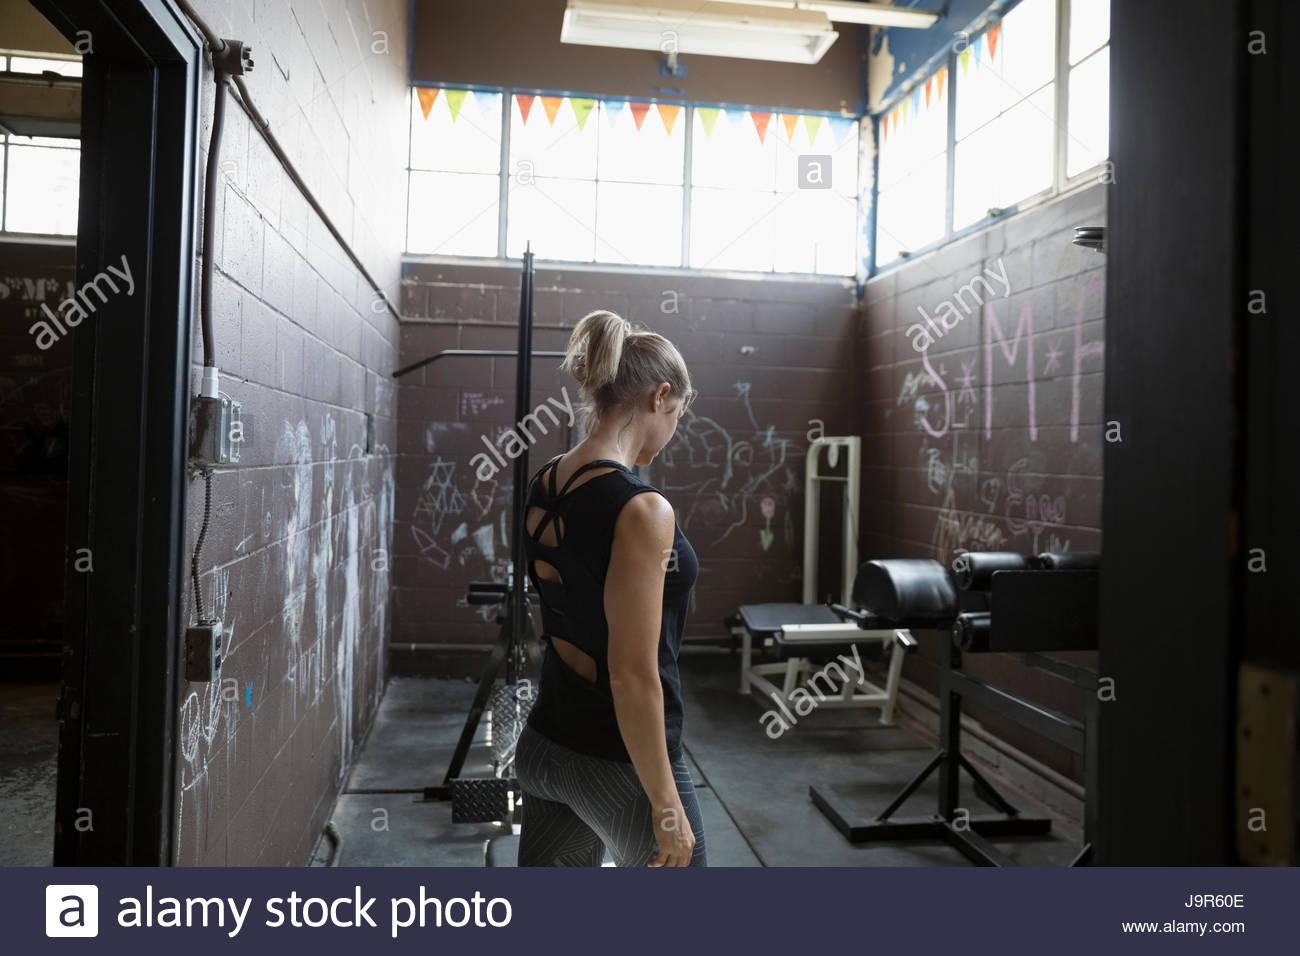 Montare donna pesi nella palestra grintoso Immagini Stock